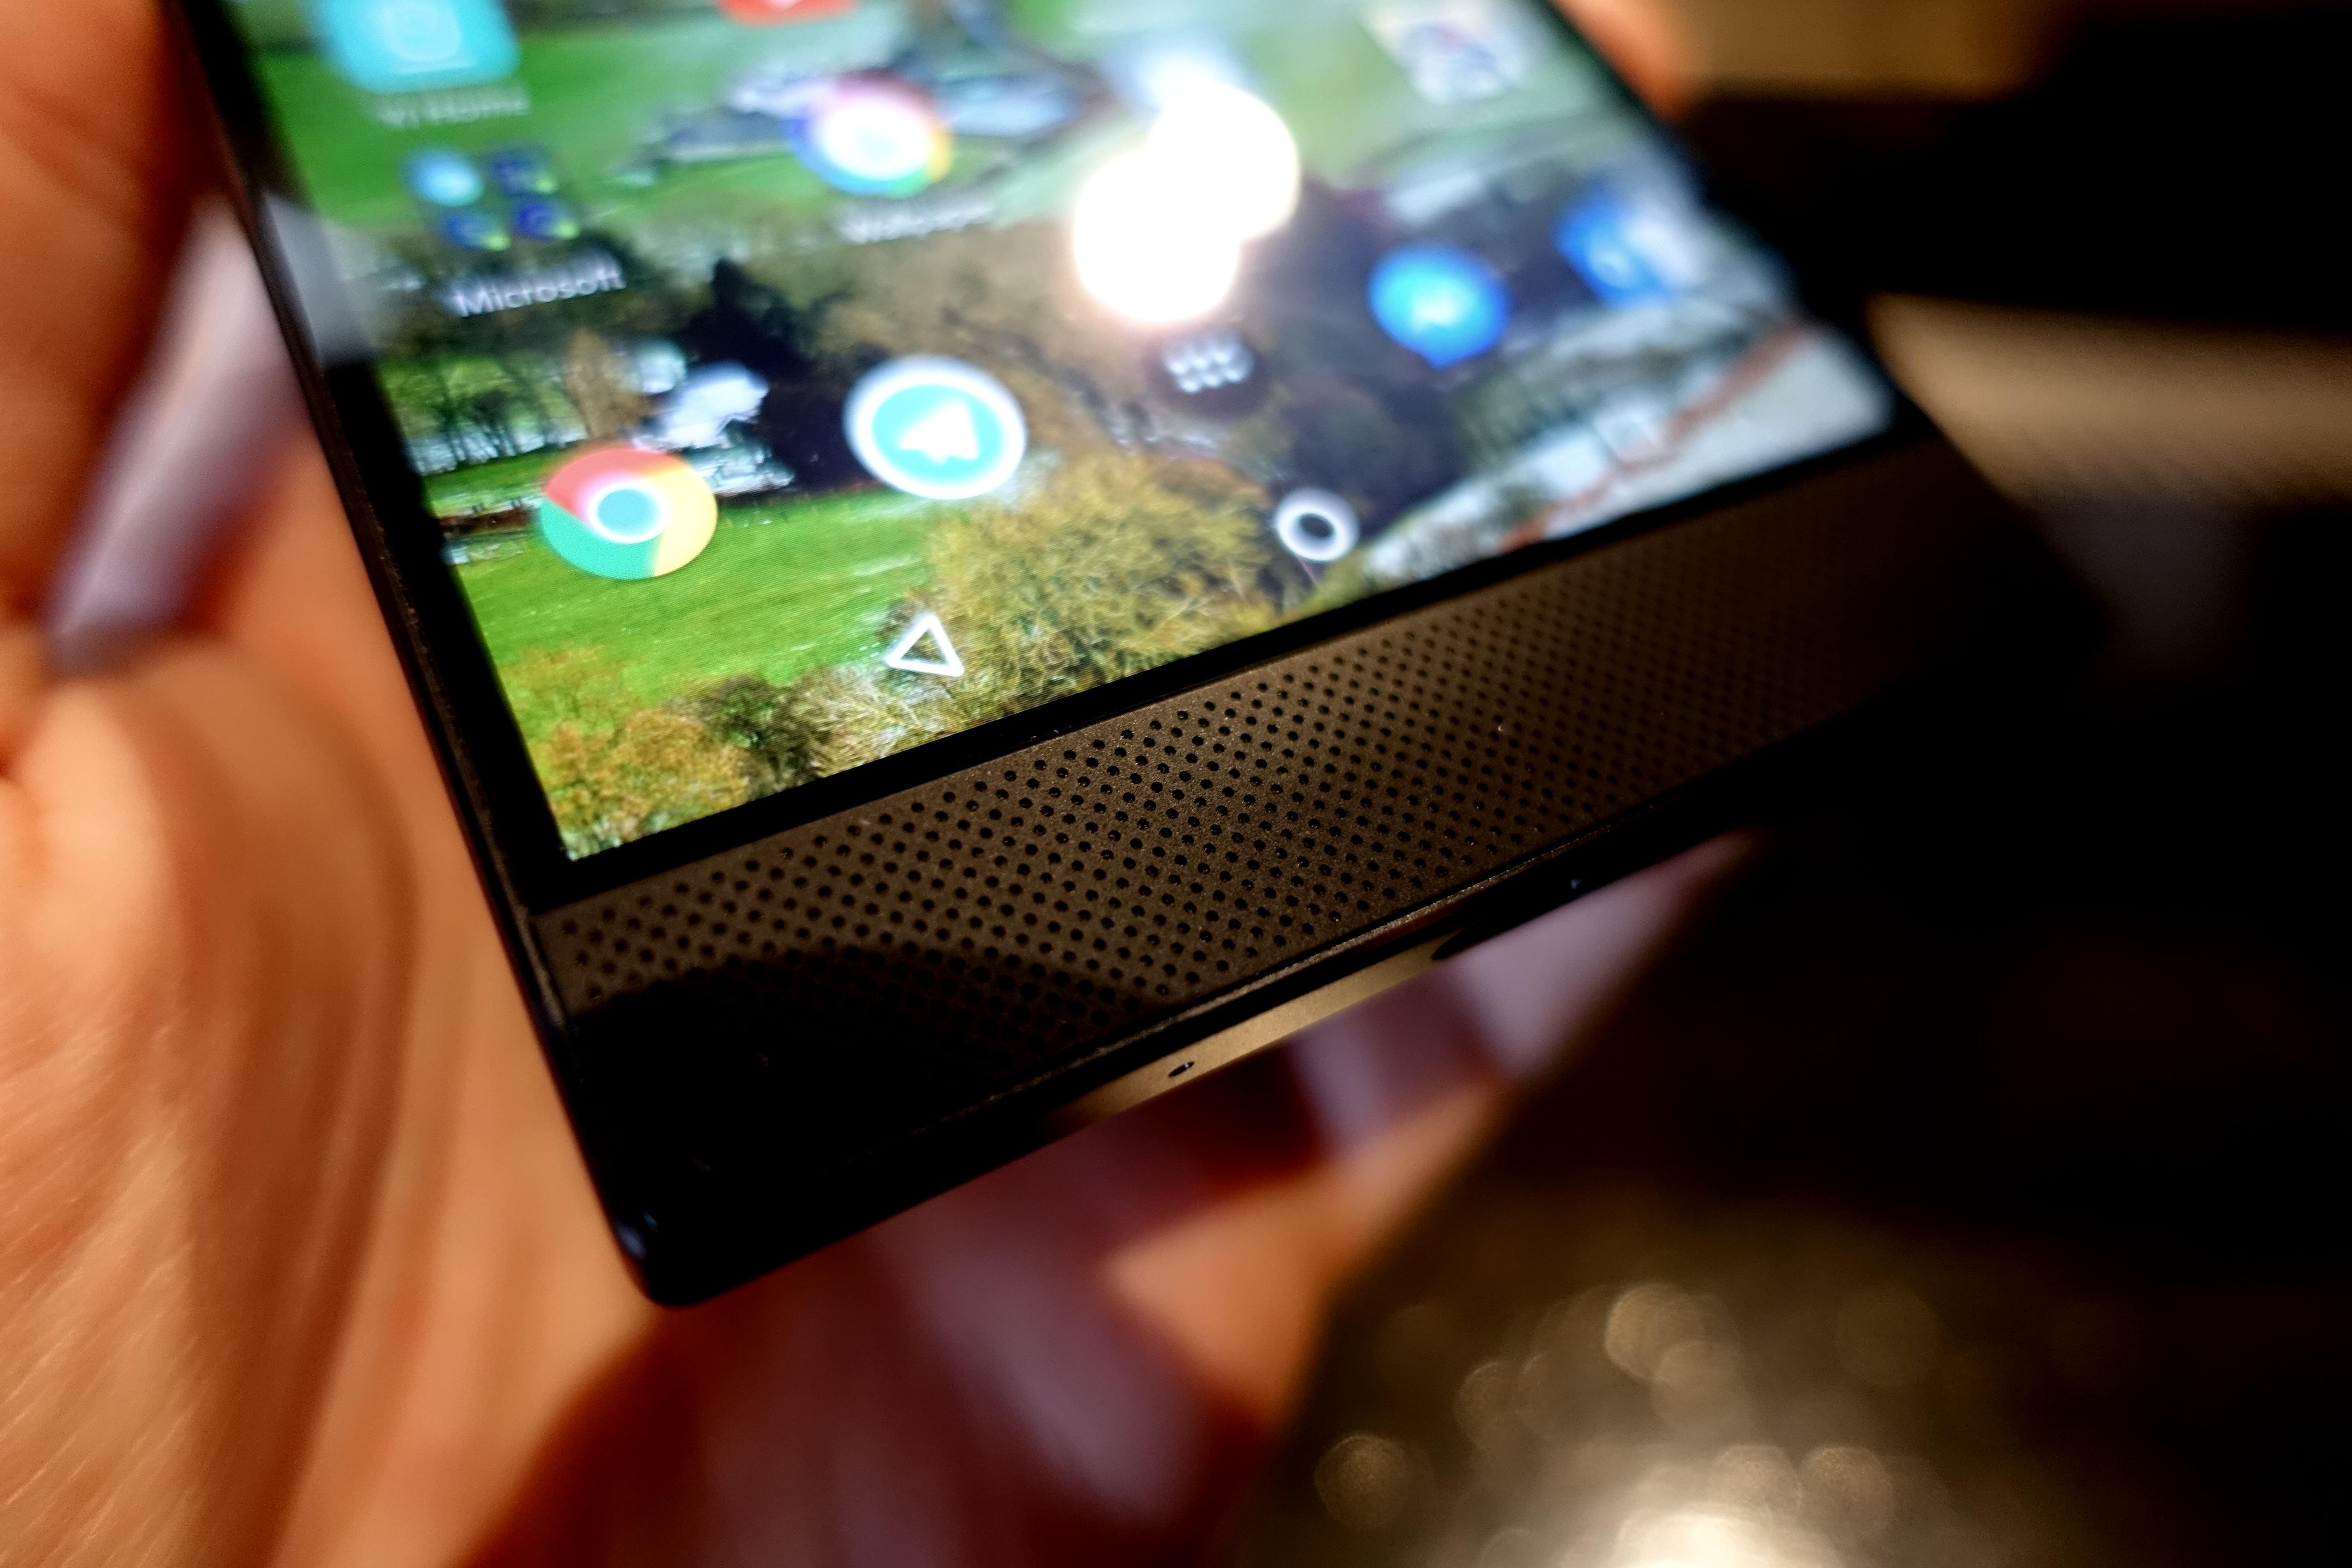 Det er mye ramme, men det er en grunn til det: Lydvolumet er langt høyere enn alle andre mobiler vi har testet.